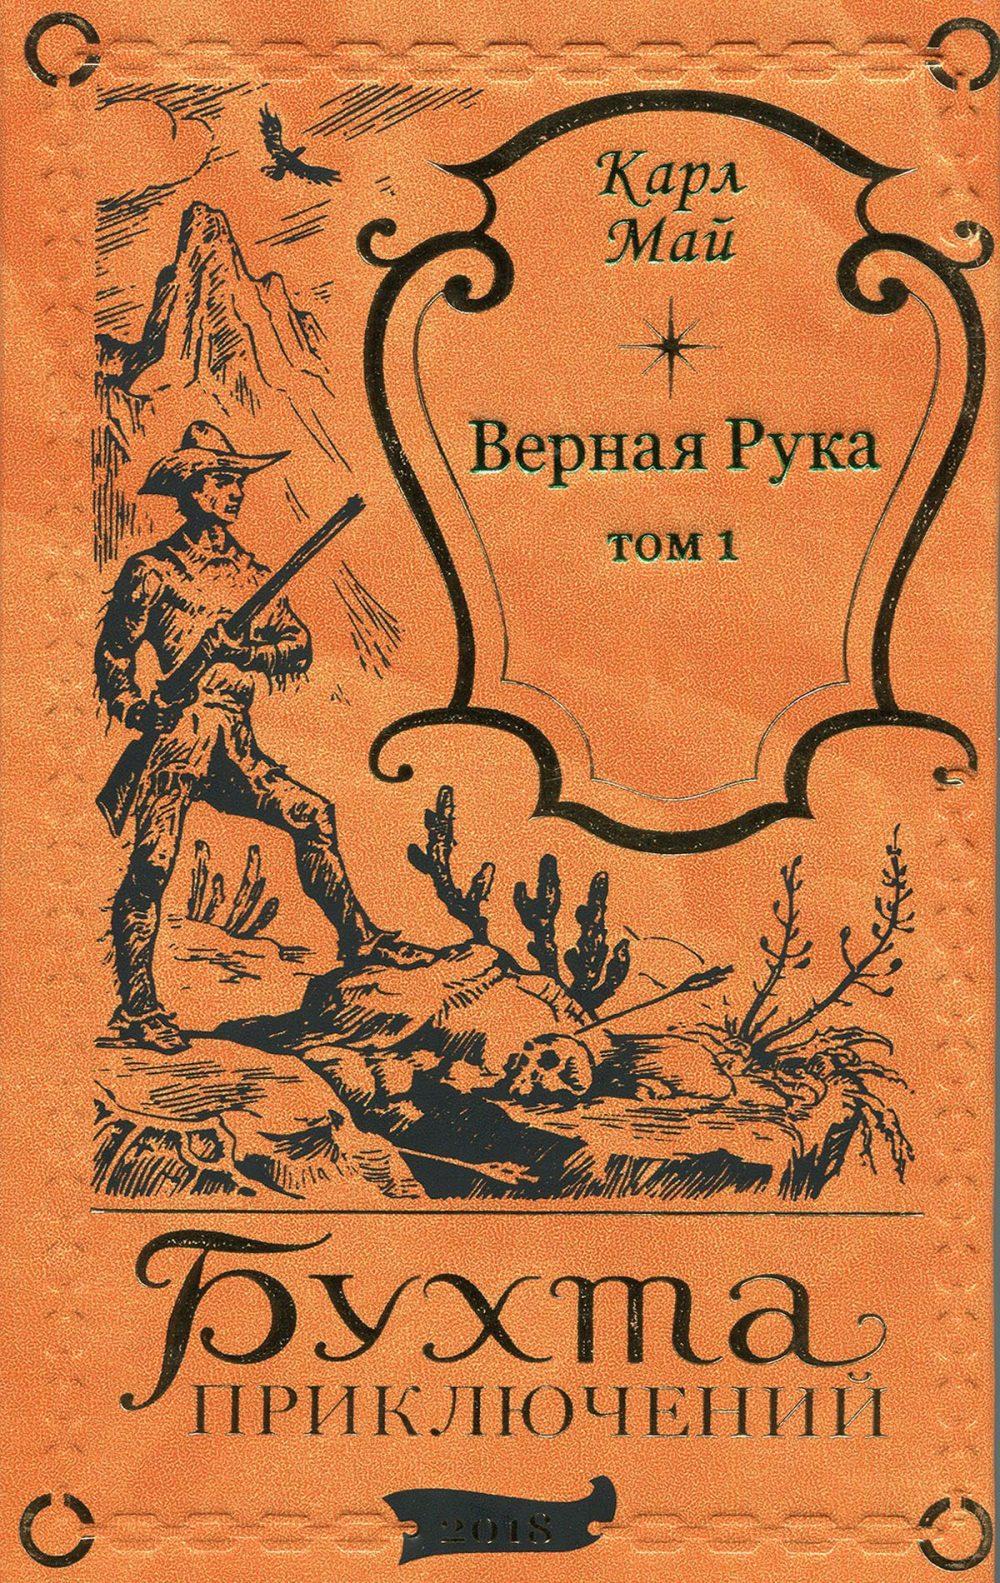 """Карл Май """"ВЕРНАЯ РУКА"""" в 2-х томах (комплект)-2821"""